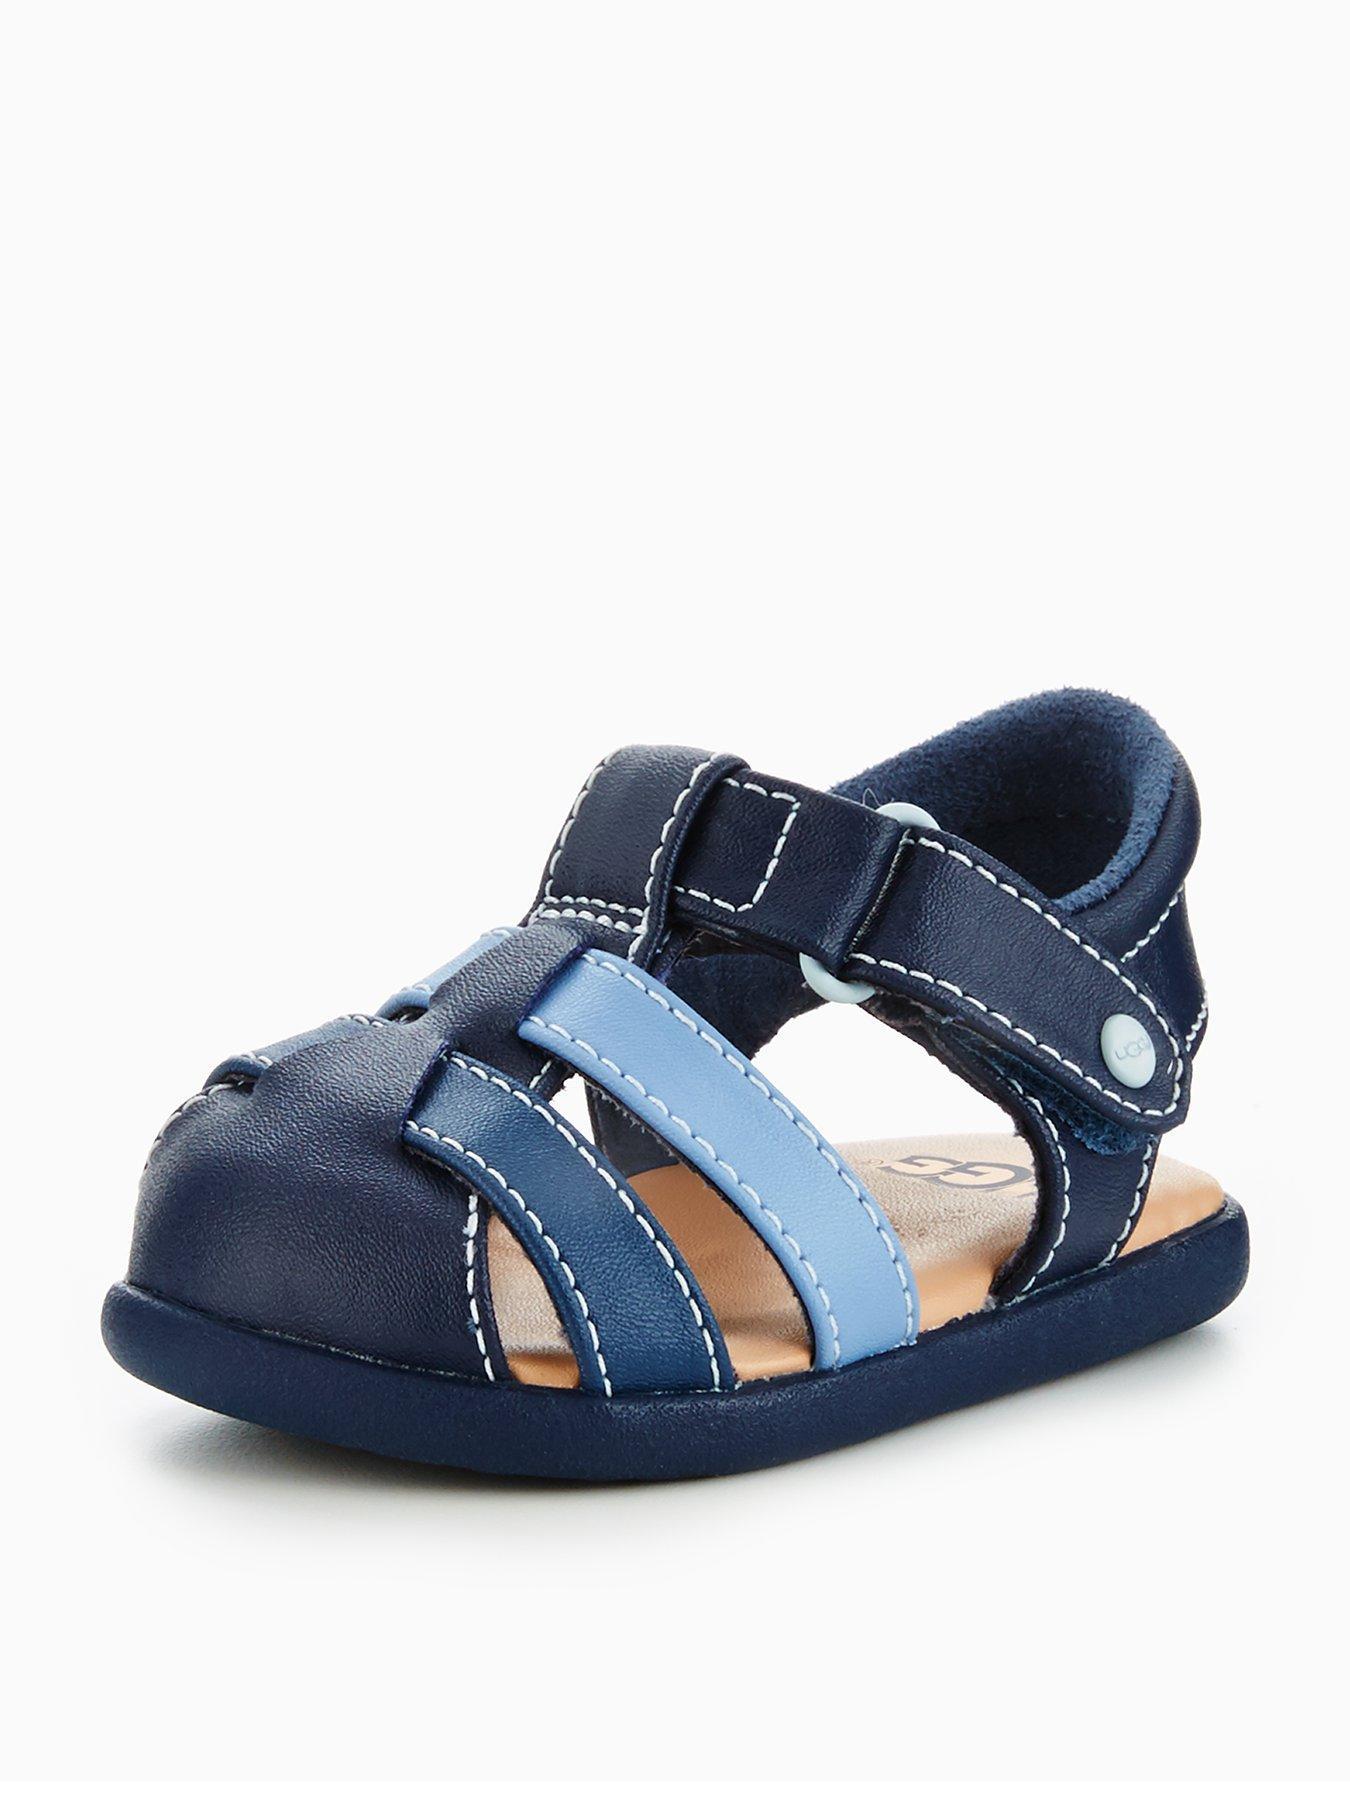 UGG Kolding Comfort Sandal Kolding Sandal 4828   ec70b20 - freemetalalbums.info